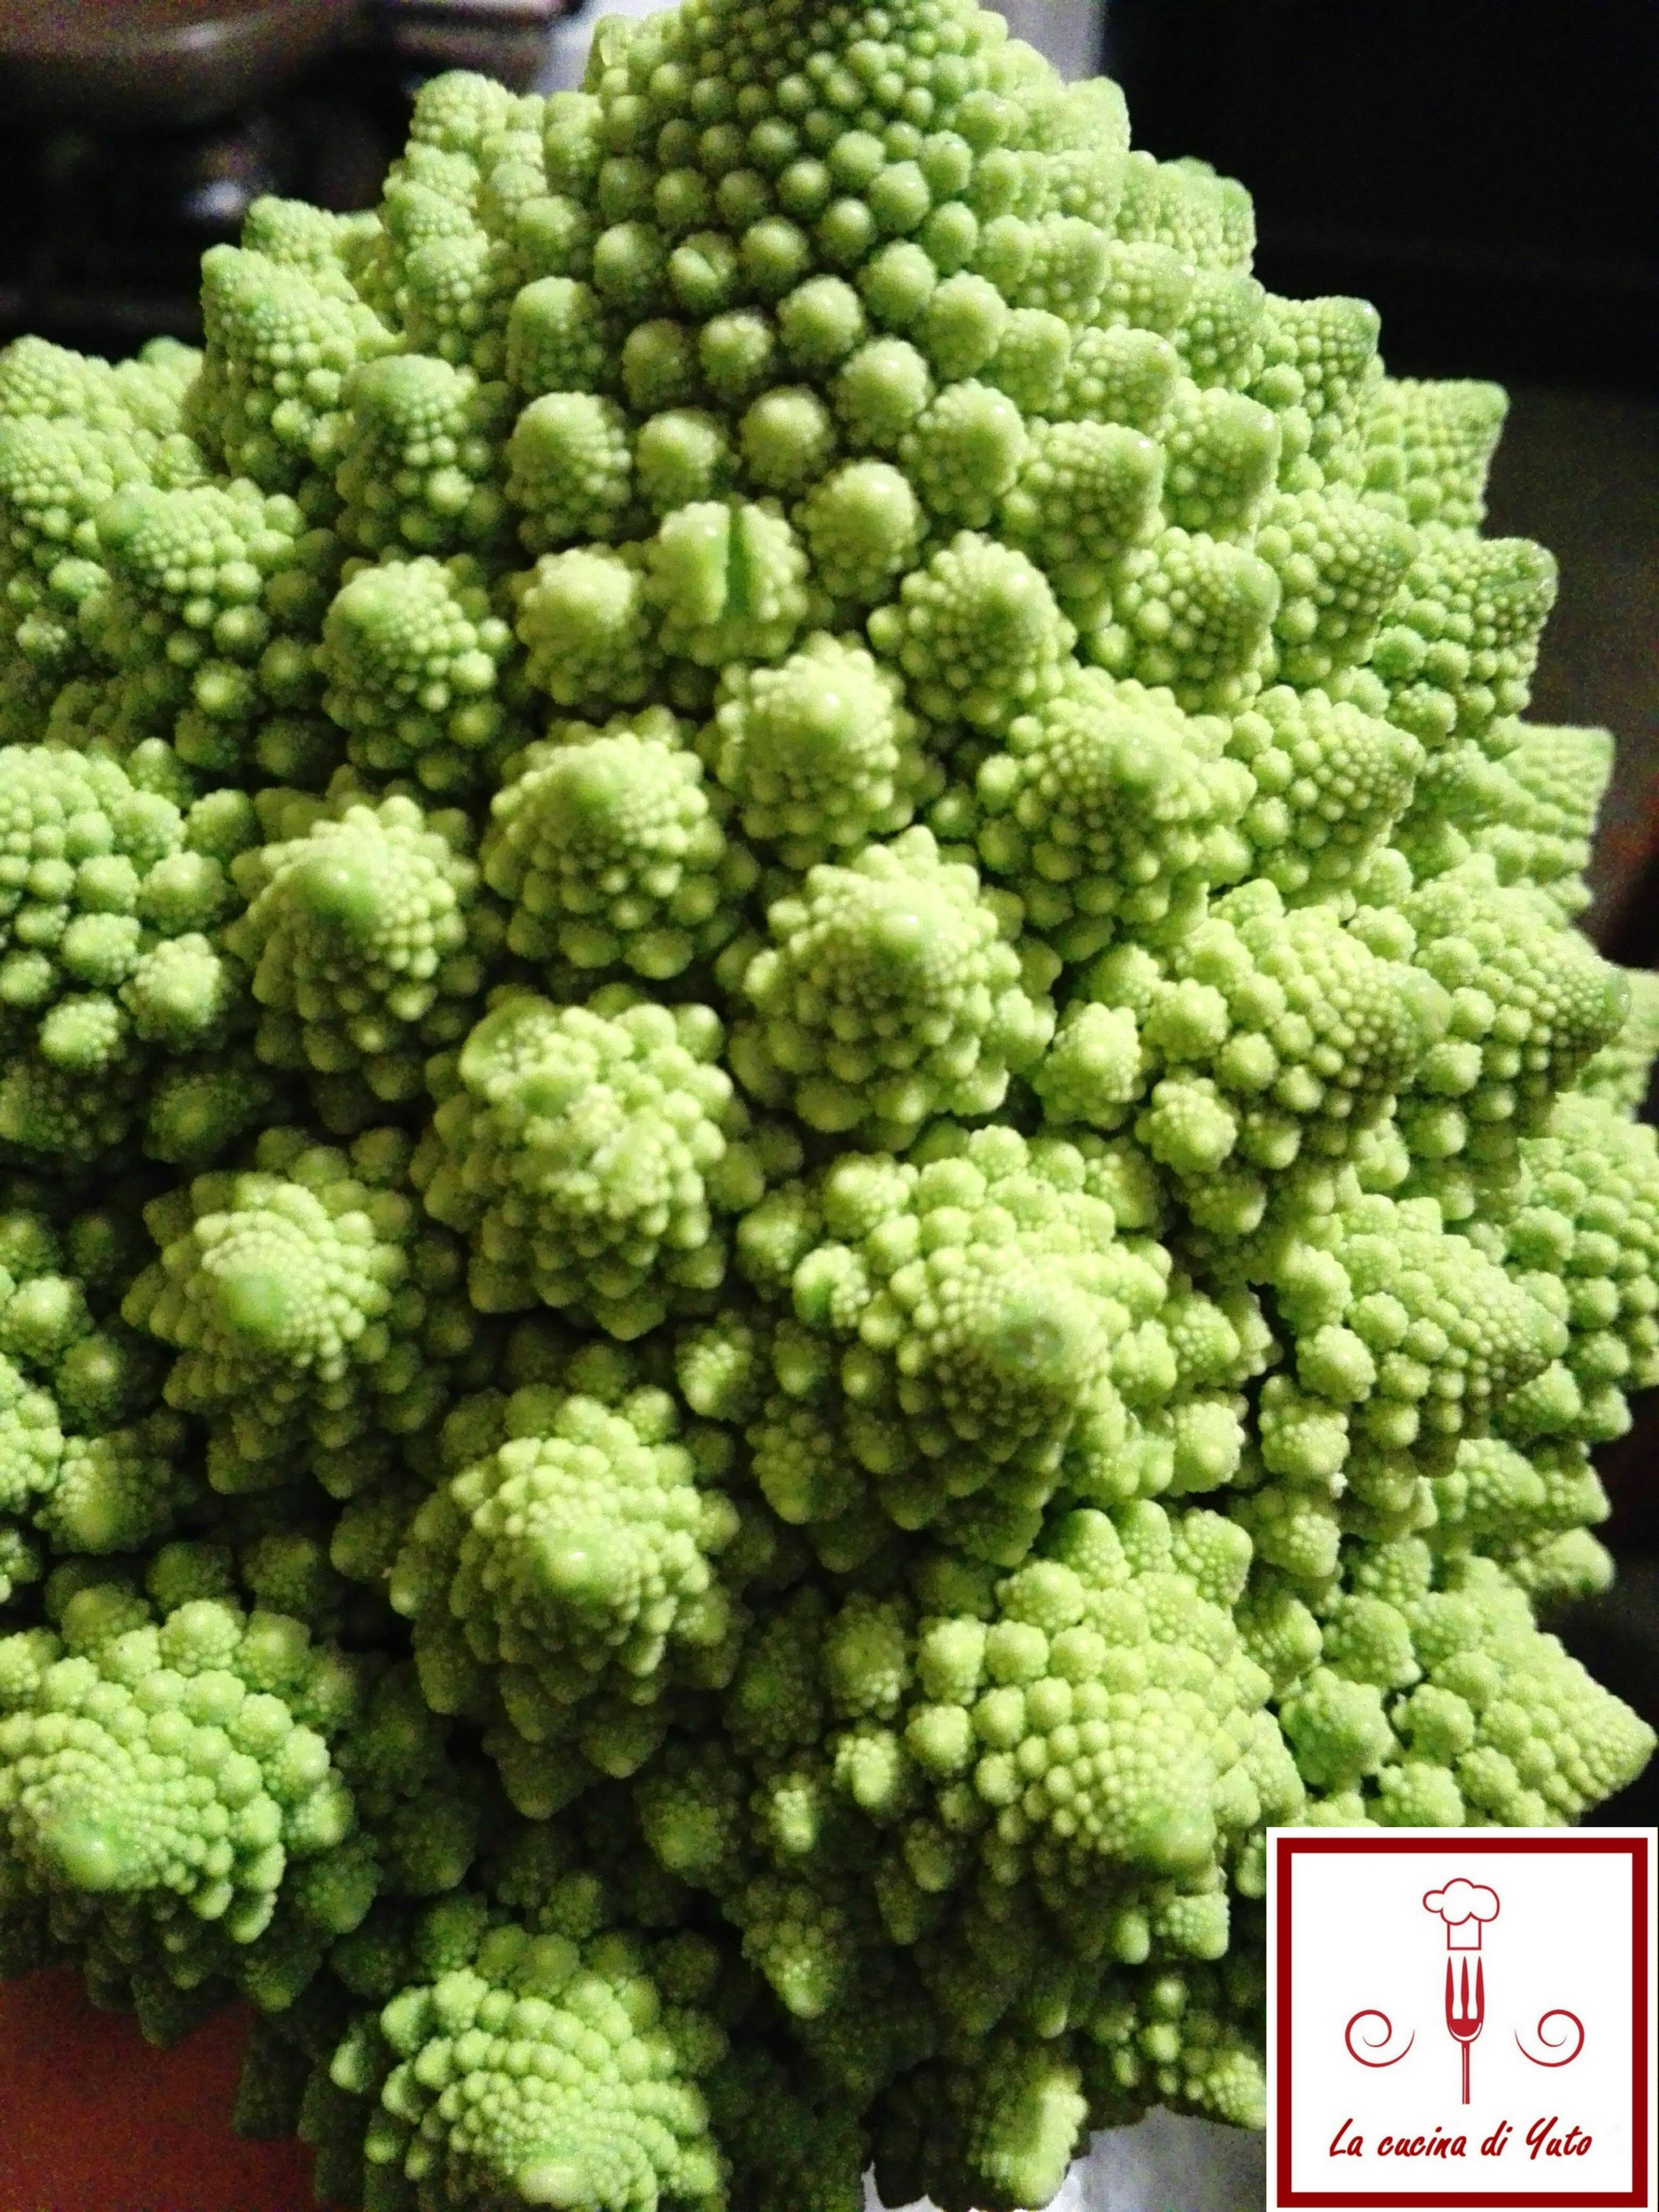 Polpette di broccolo romanesco